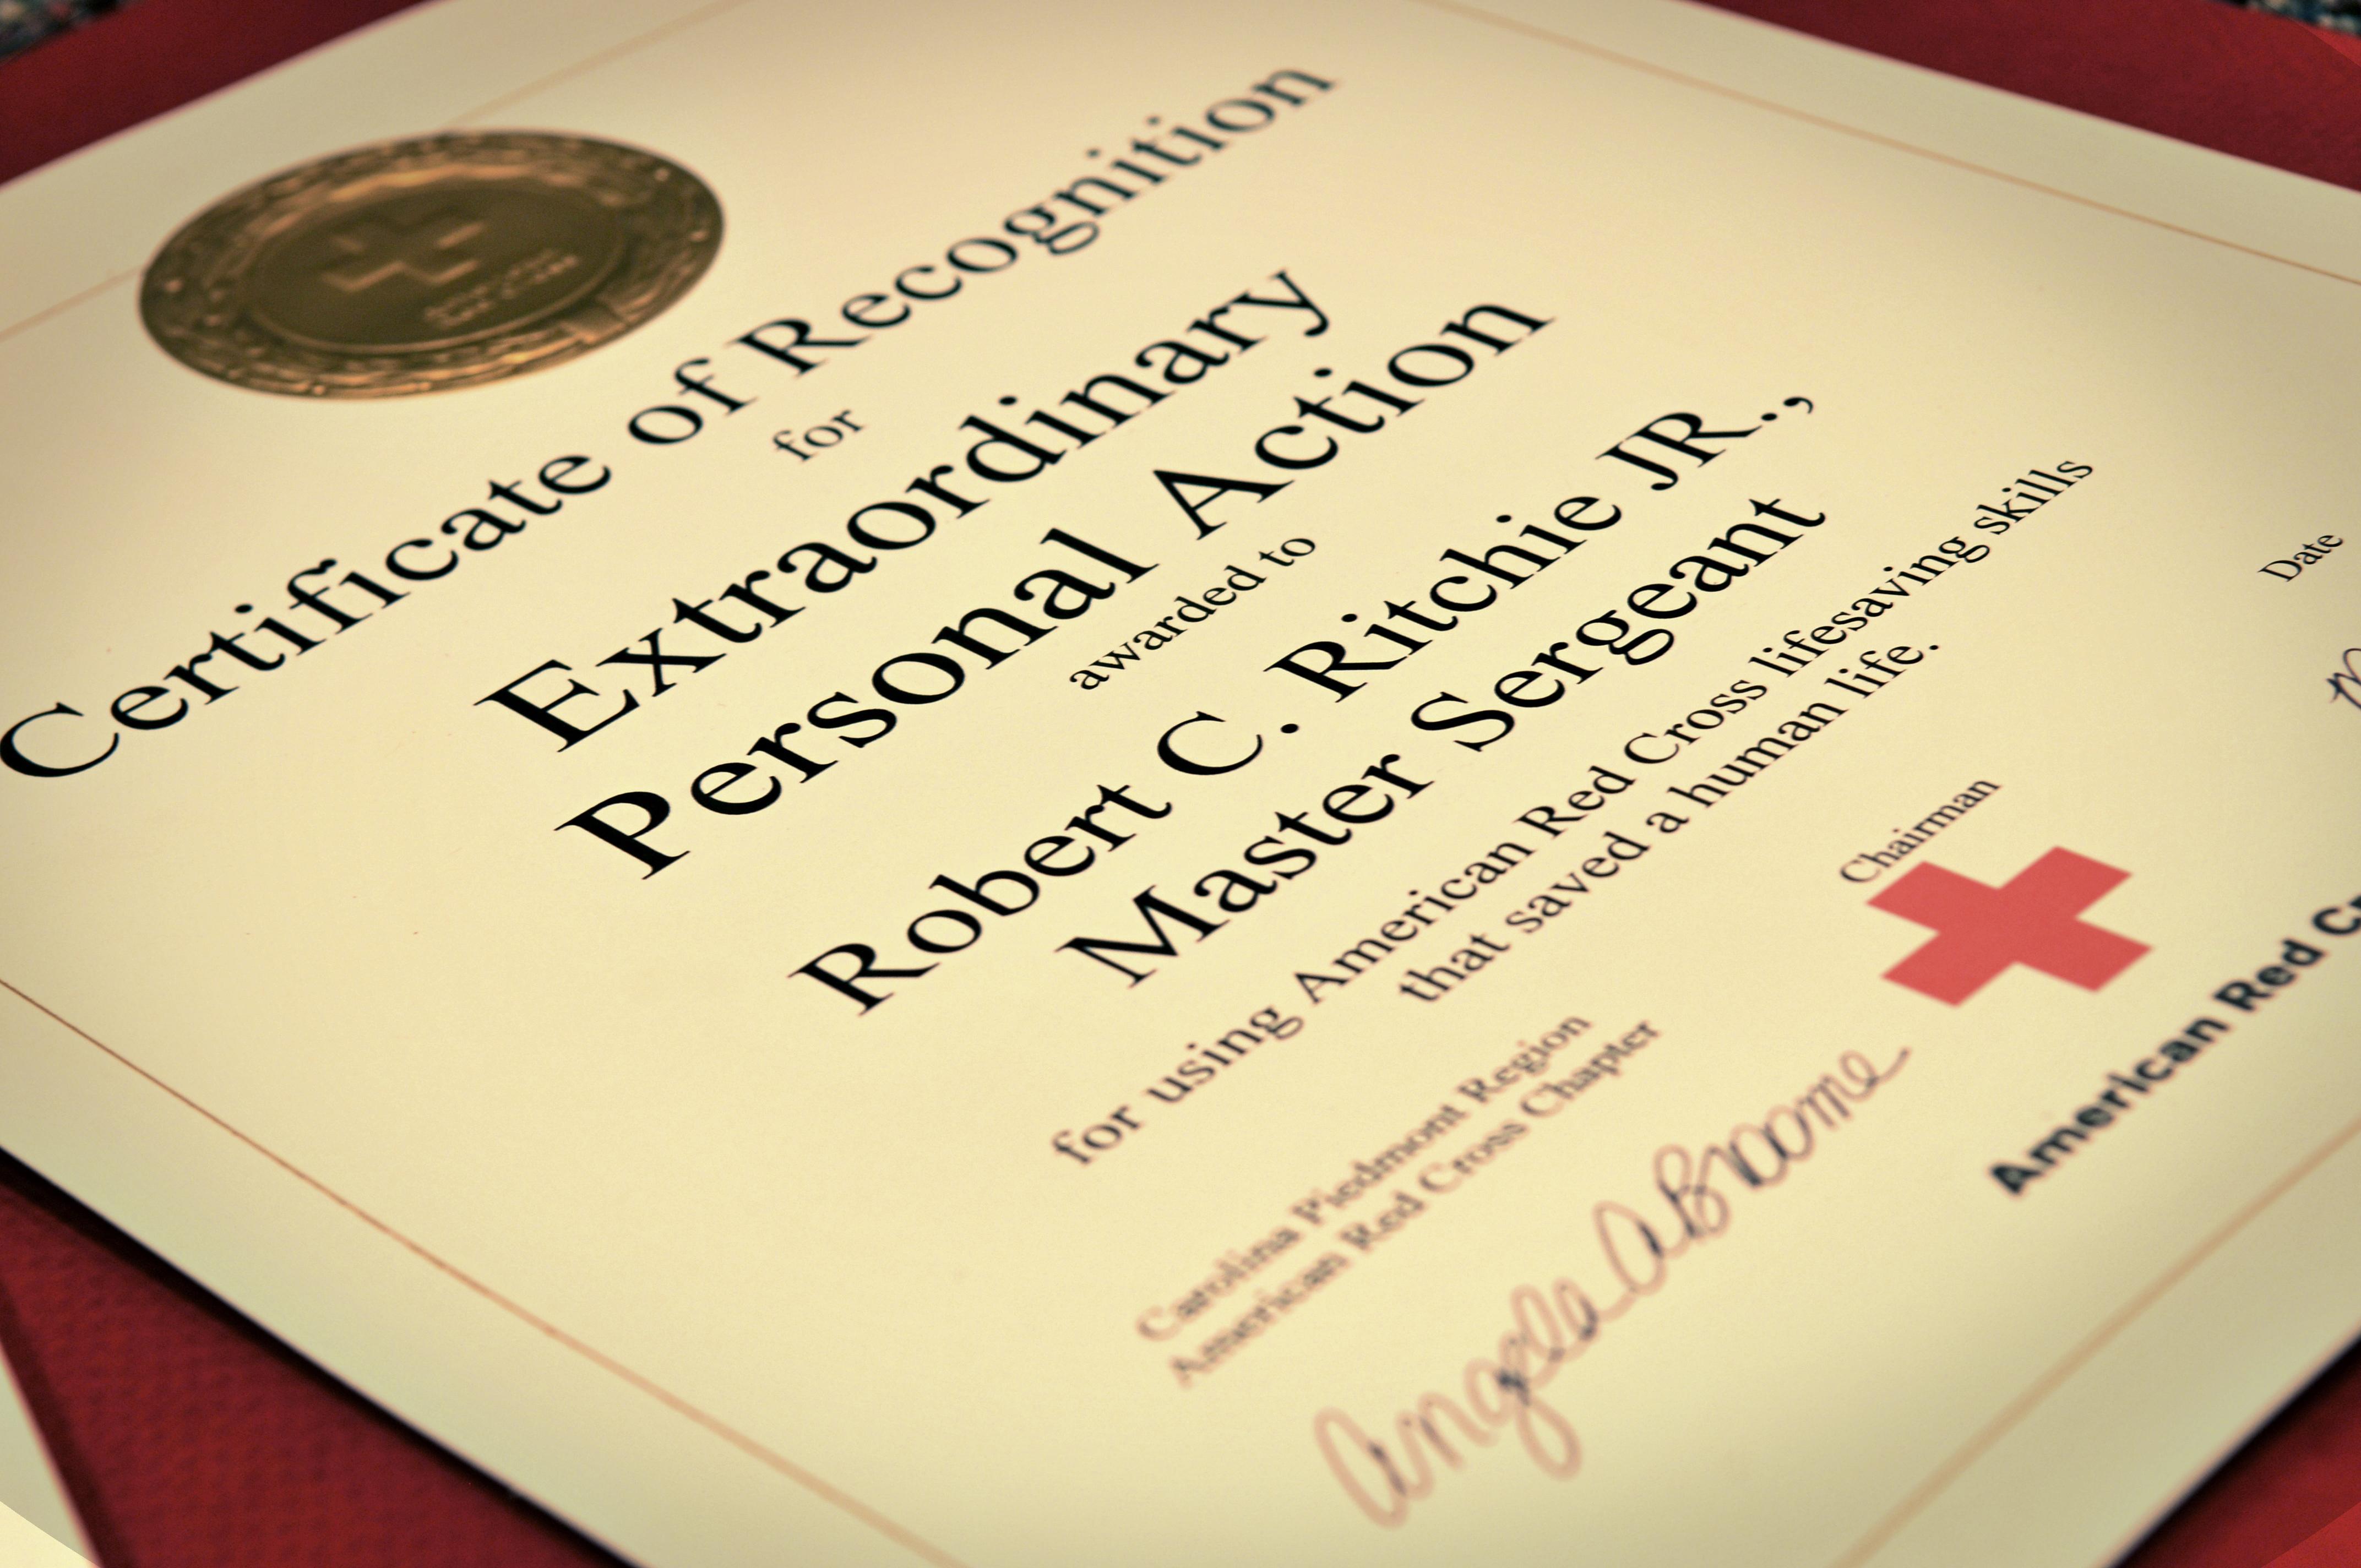 North Carolina Air Guardsman Receives Red Cross Award